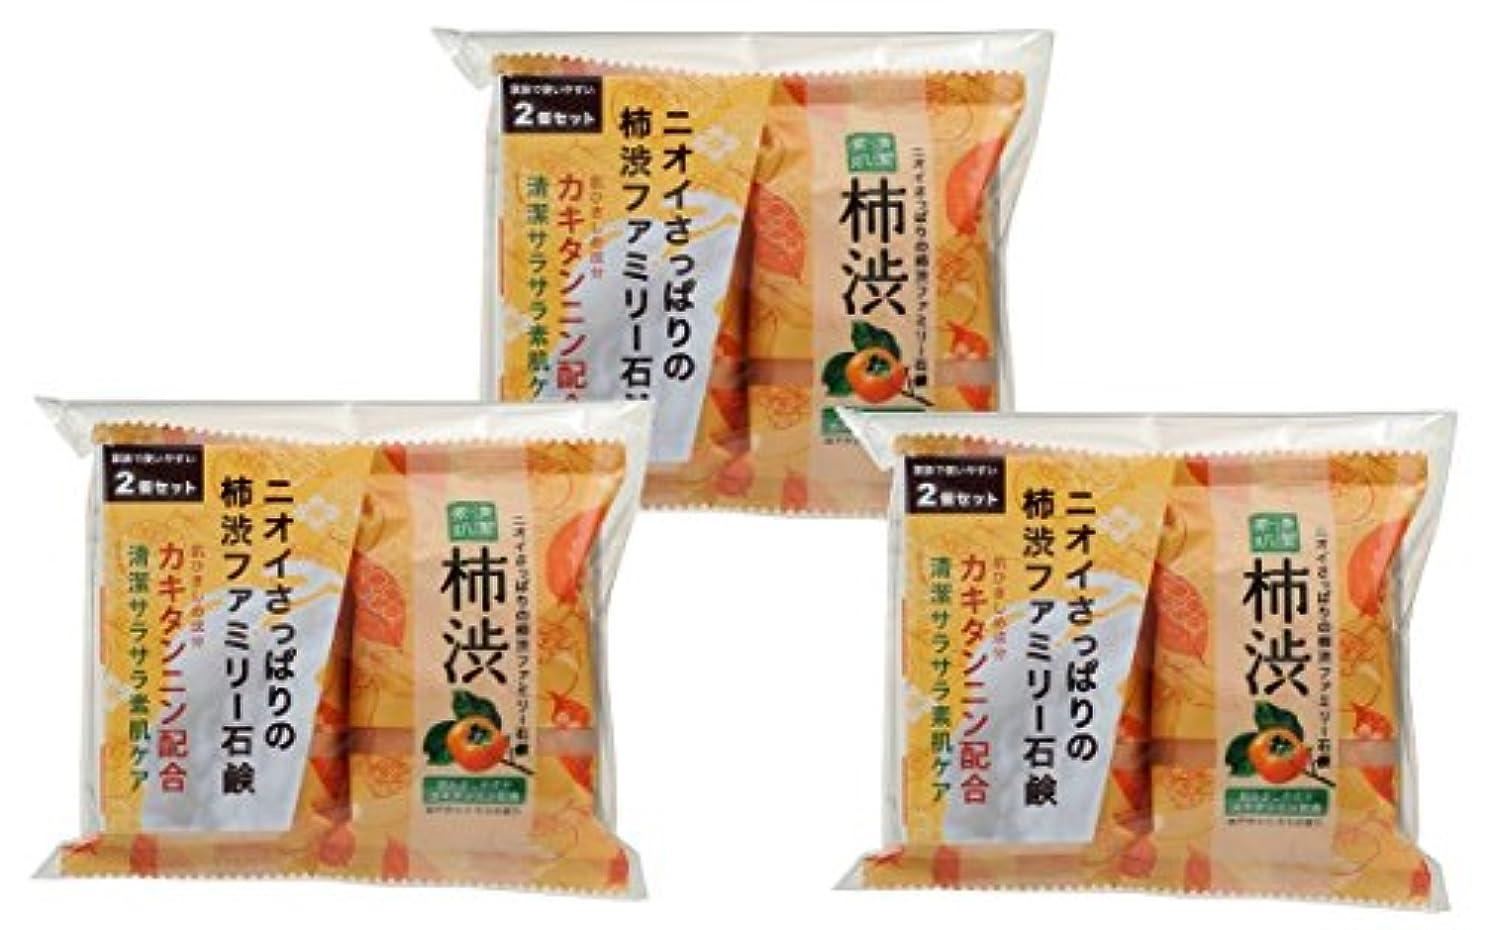 顕著ファブリック汚染するペリカン石鹸 ファミリー 柿渋石けん (80g×2個) ×3個パック